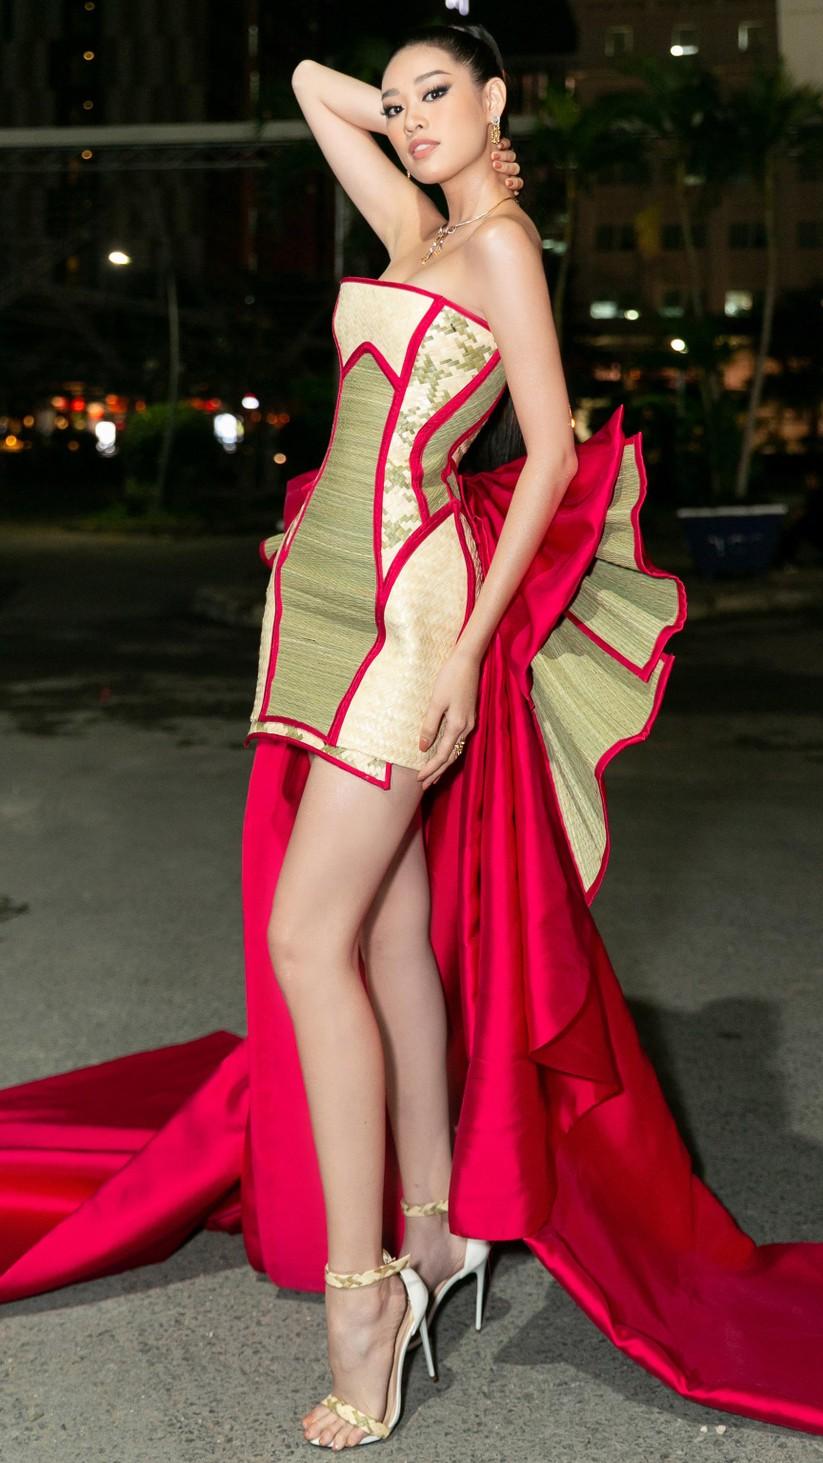 Bộ trang phục với cảm hứng từ làng nghề làm chiếu ở Quận 8